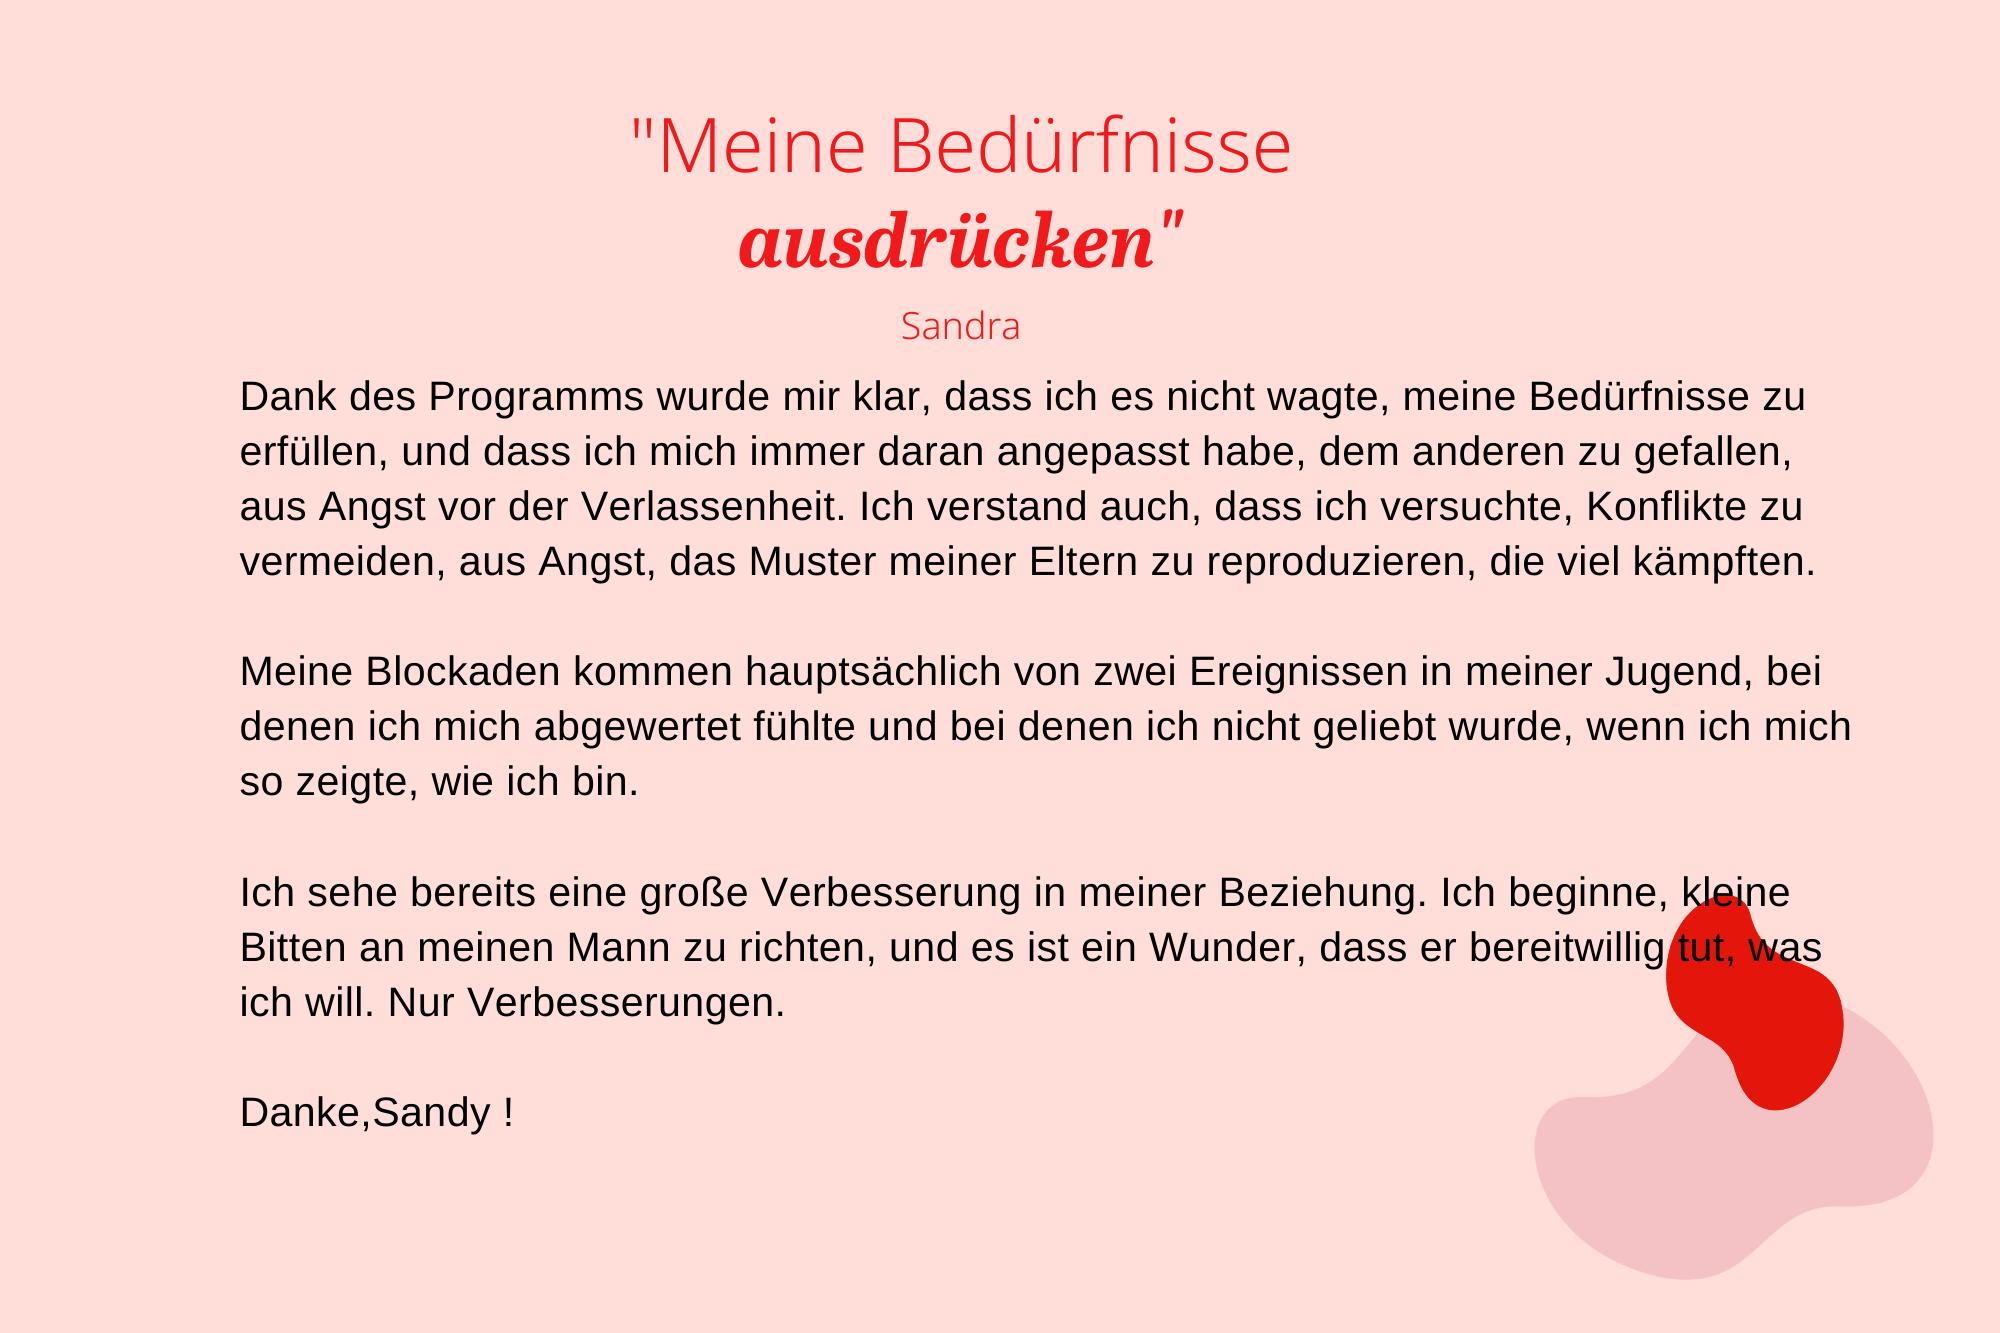 DE_Erfahrungsberichte_Liebescoach_Meine Bedürfnisse ausdrücken